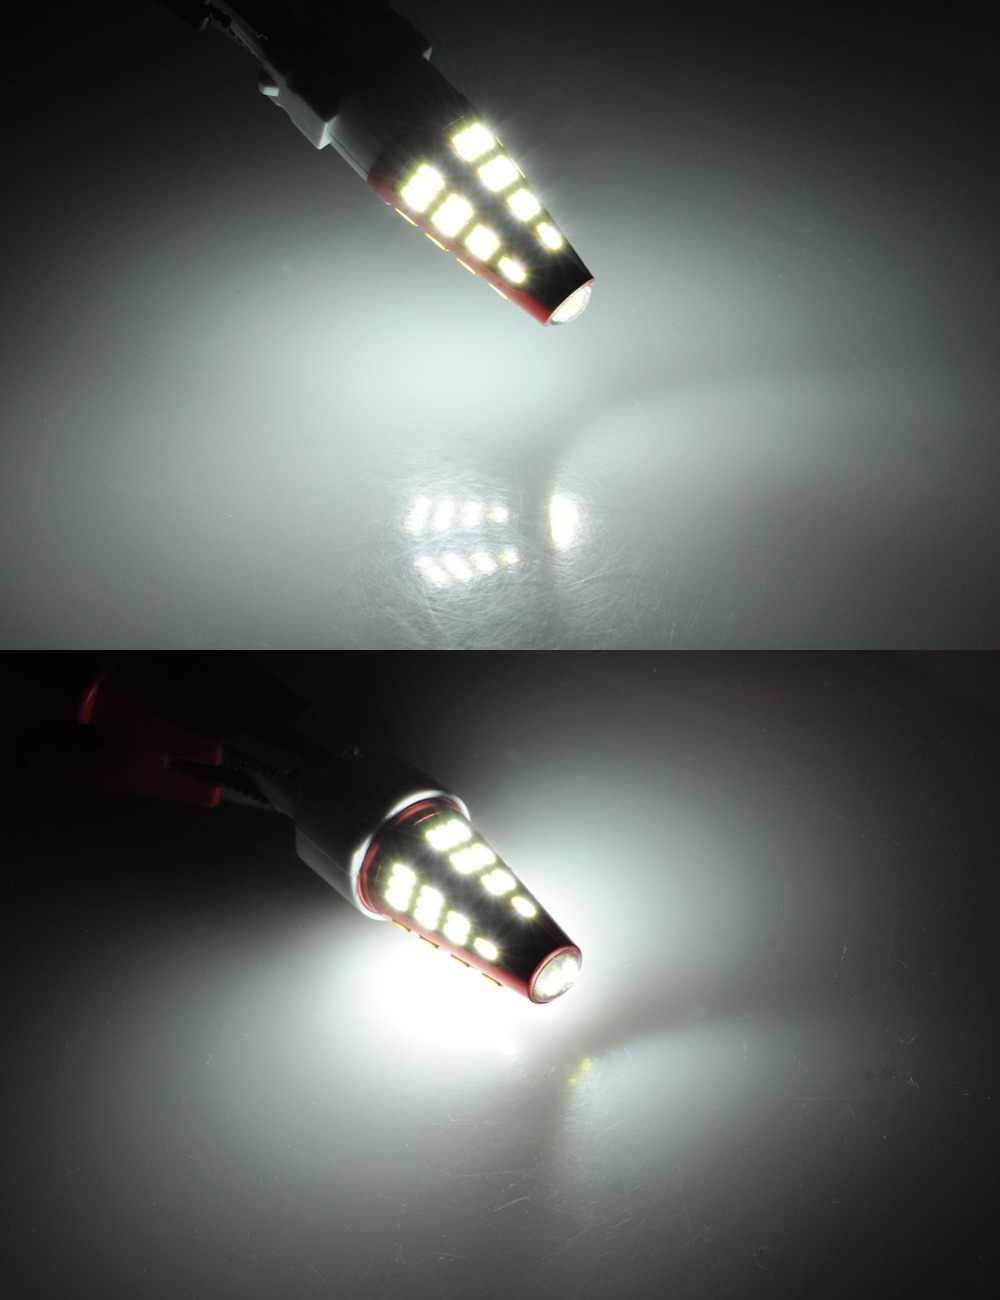 AutoEC Wholesale 9006 HB4 or HB3 9005 48 SMD 3014 LED Fog Light Daytime Driving Light Bulb DC12V 50pcs #LJ61